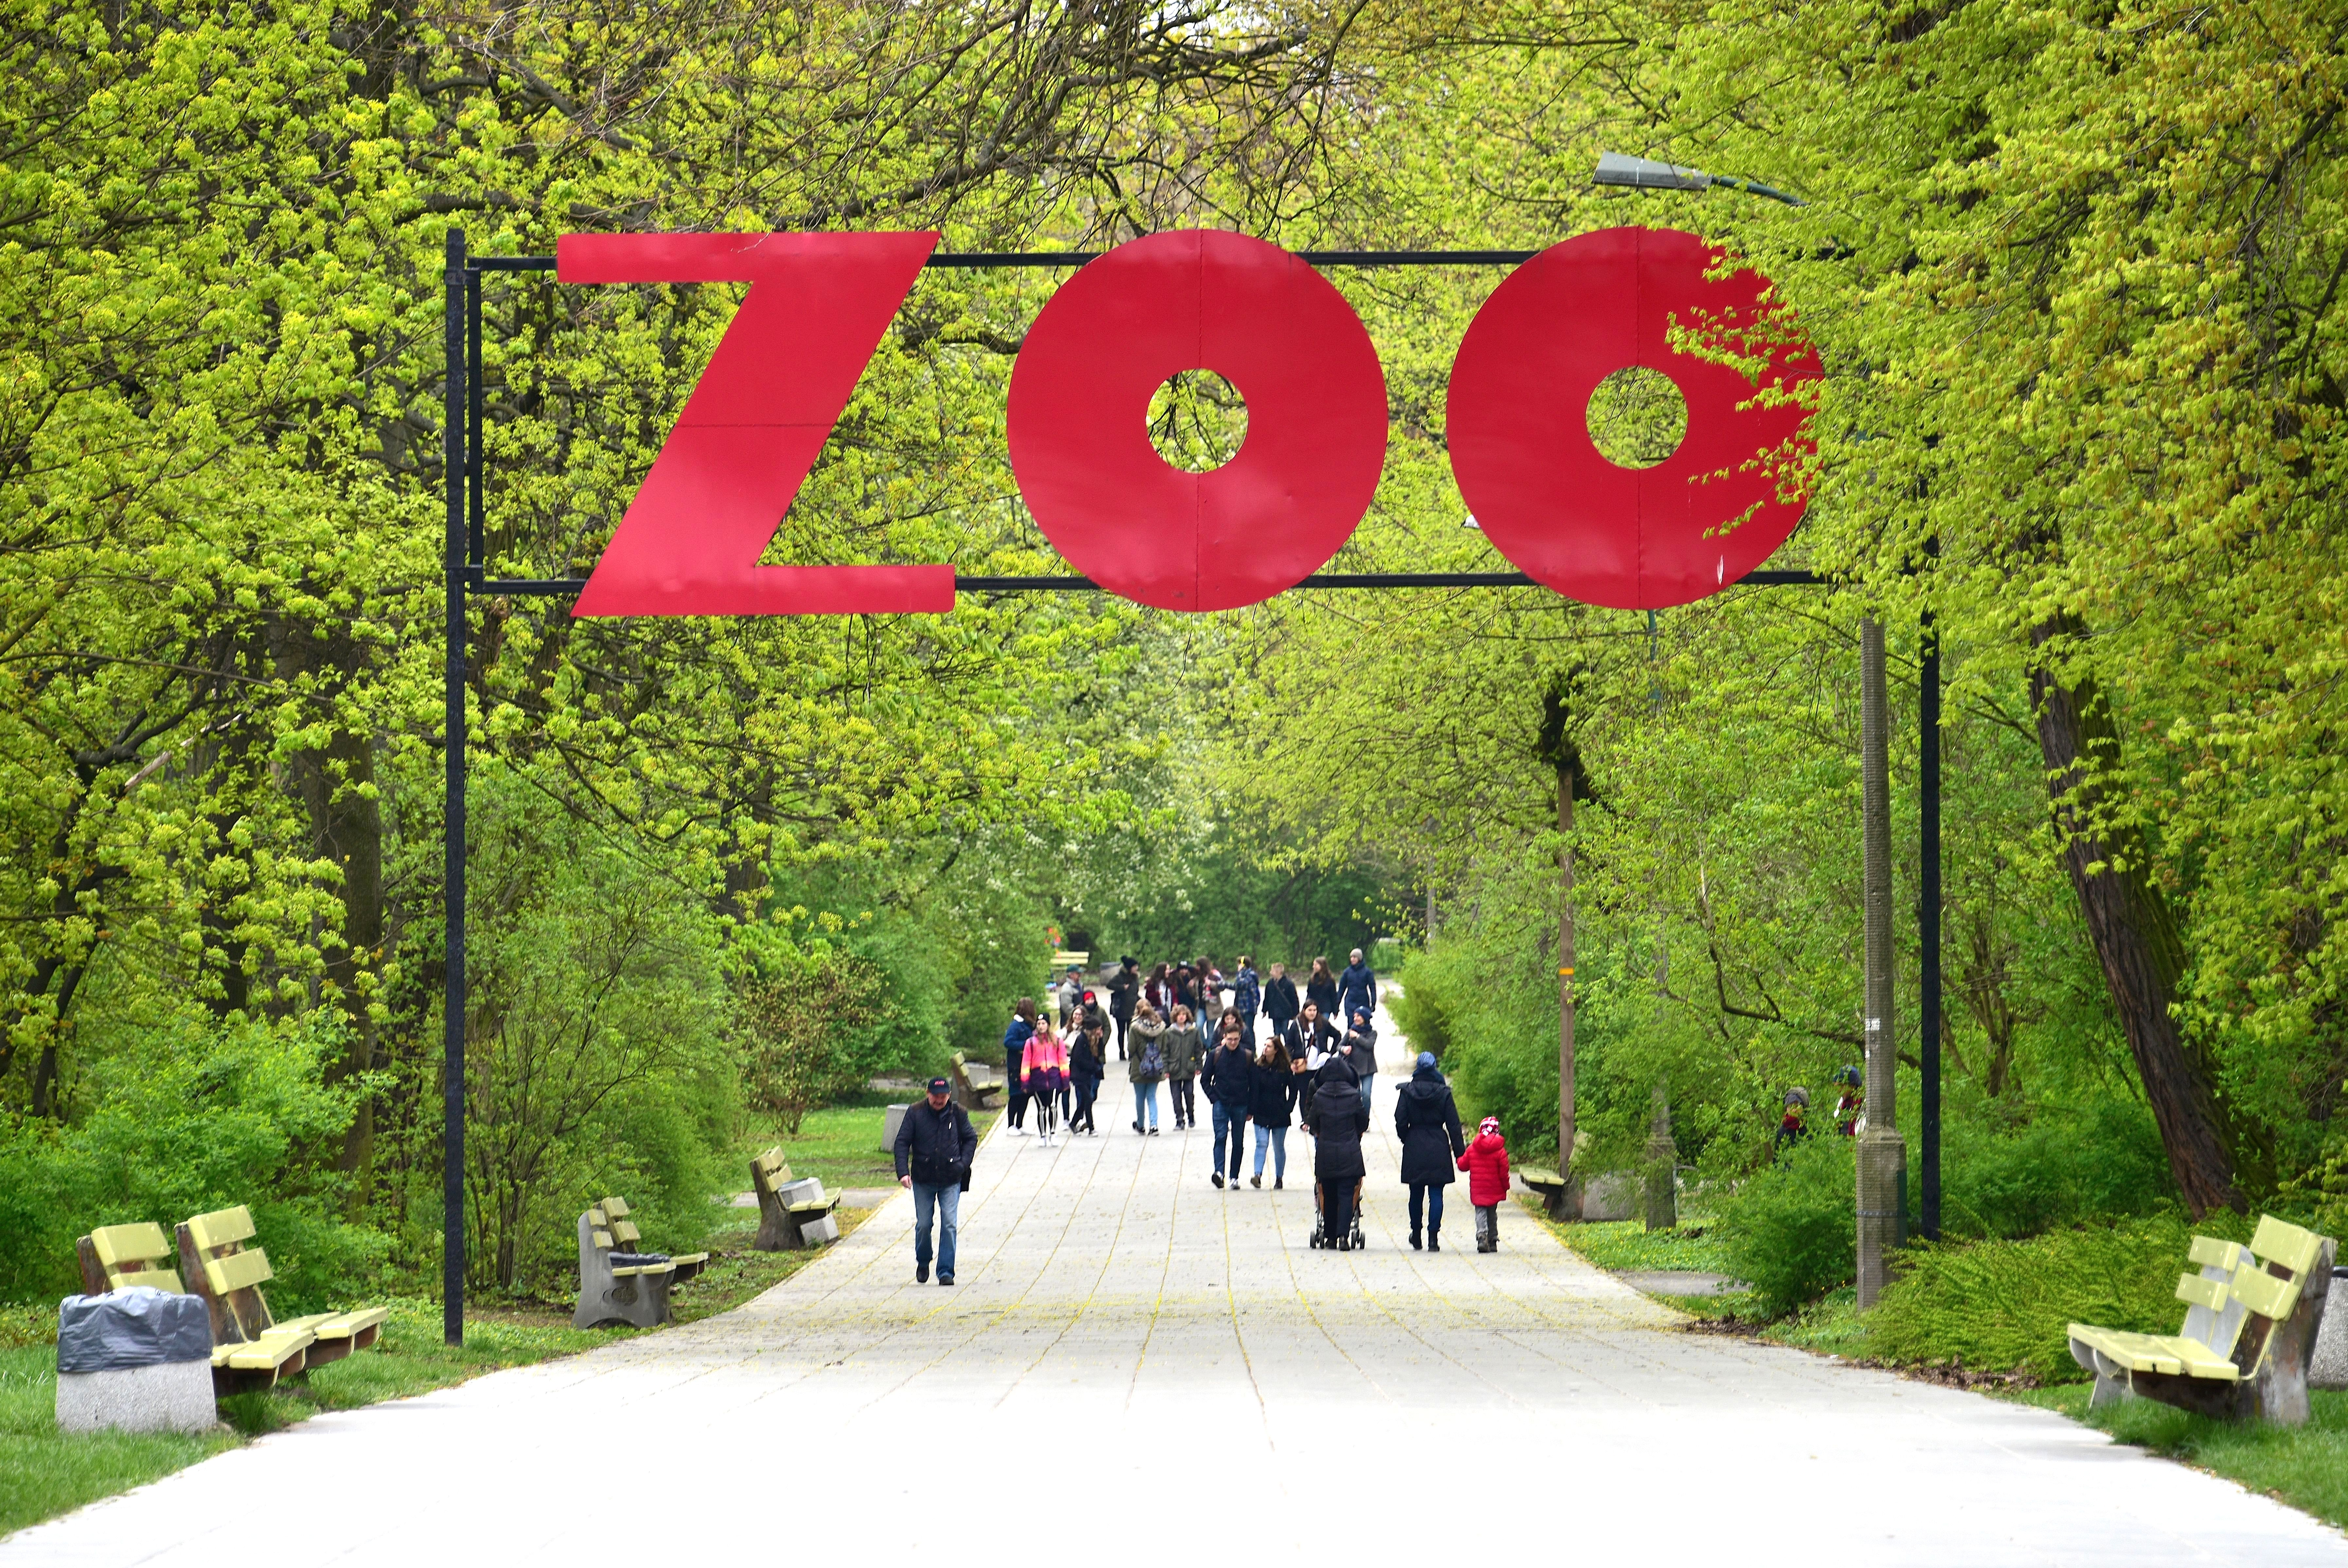 Ogrod Zoologiczny W Warszawie Wikipedia Wolna Encyklopedia